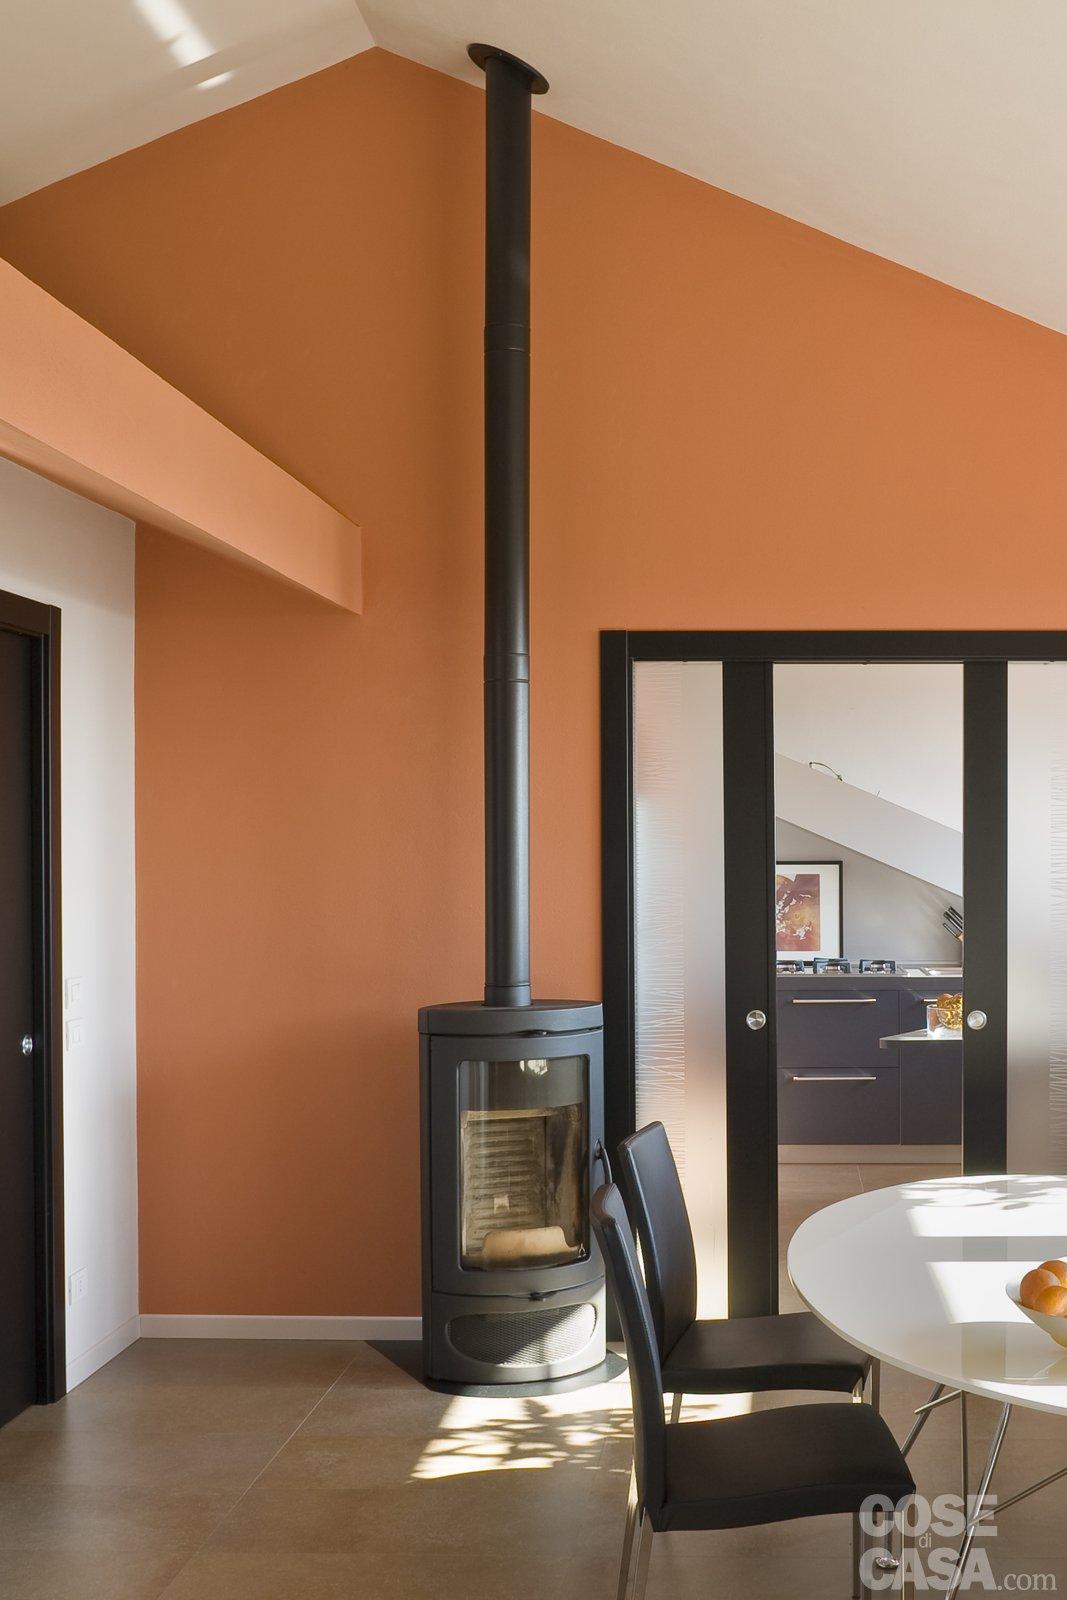 Casa in mansarda con le soluzioni giuste per gli spazi for Soluzioni economiche per arredare casa